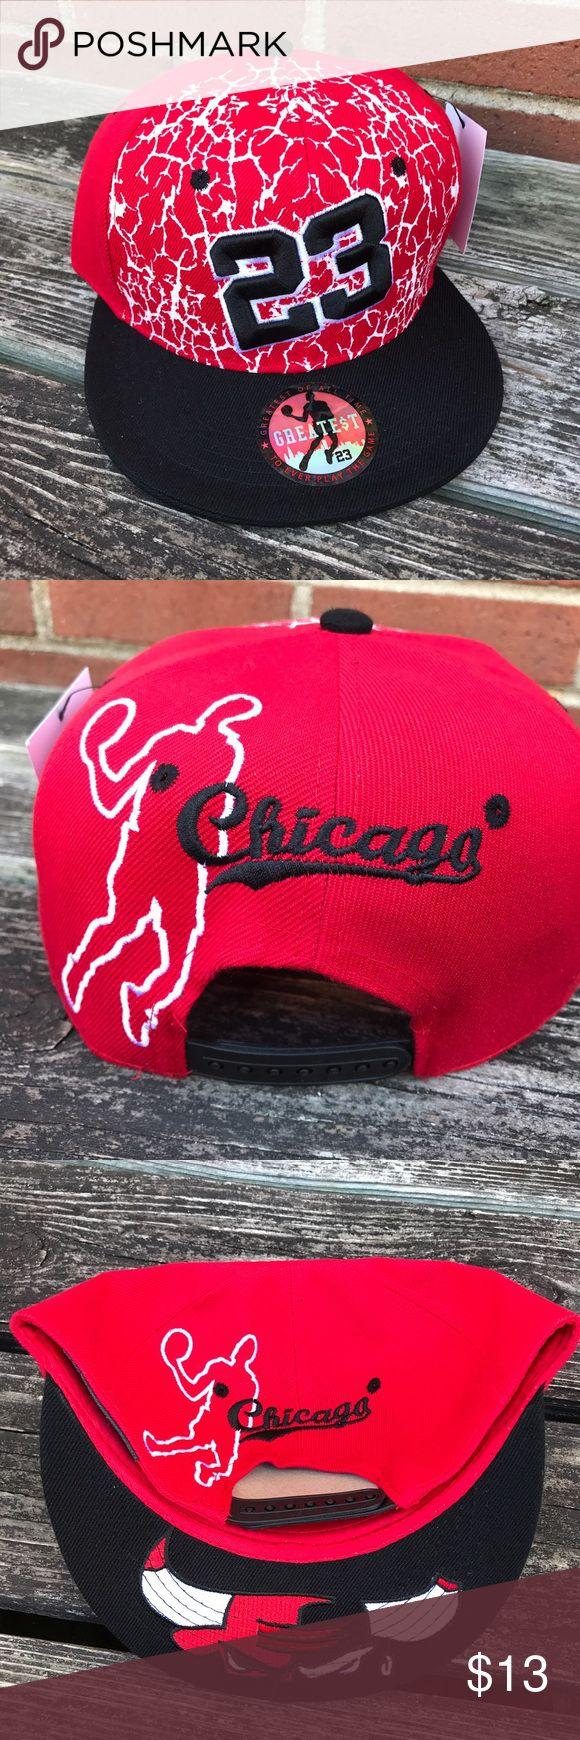 👨Bulls SnapBack GOAT SnapBack cap. Jordan number 23 Bulls NWT Accessories Hats